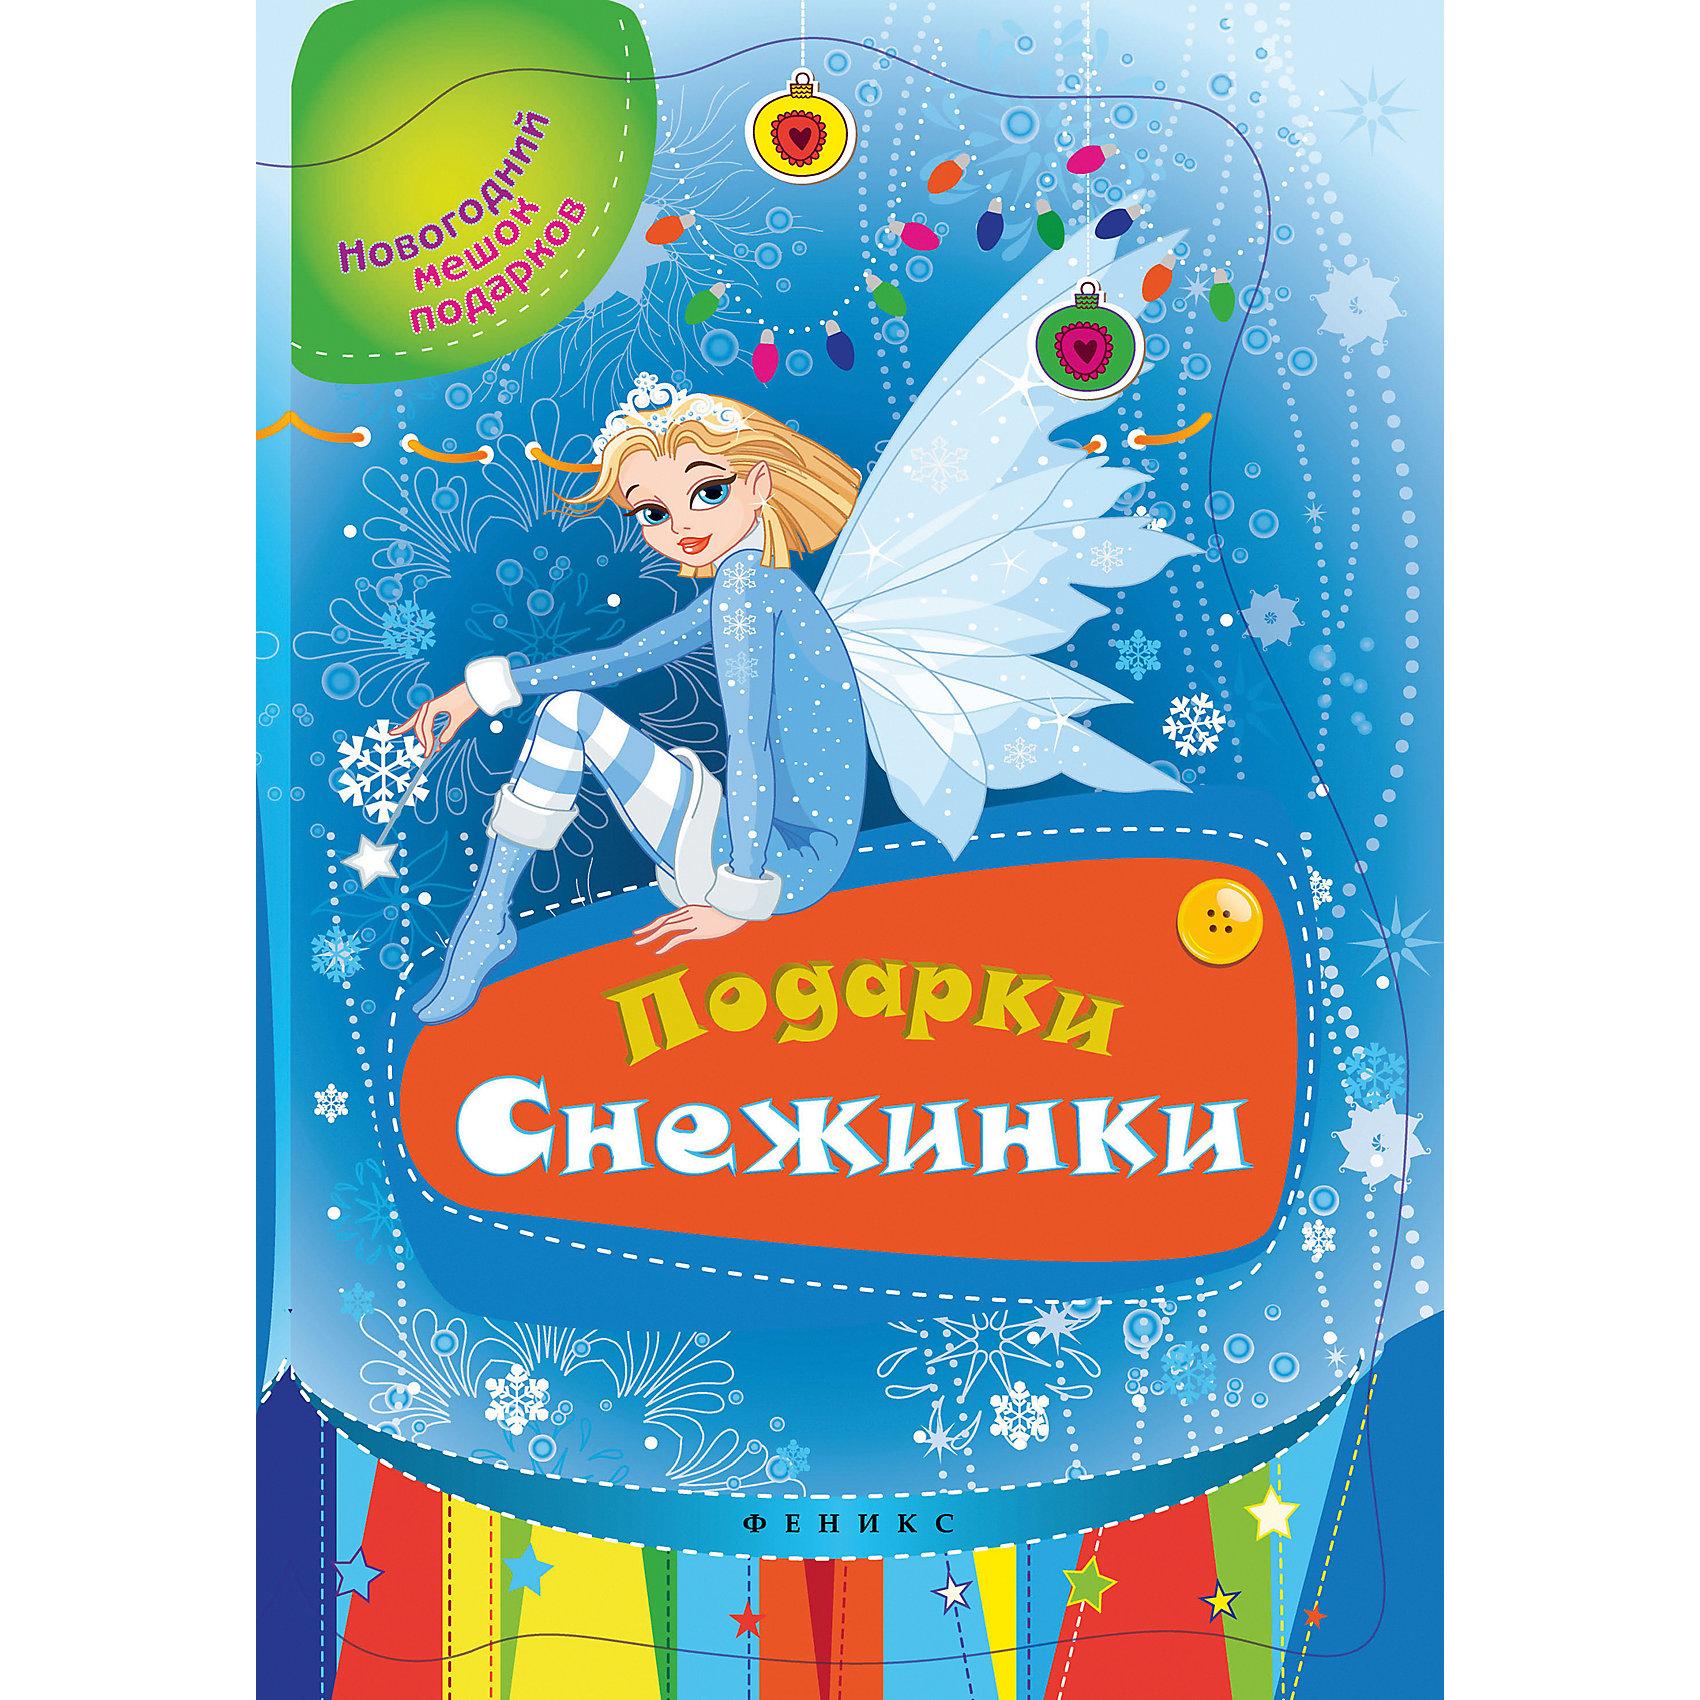 Fenix Подарки Снежинки винклер ю авт сост дед мороз приходит в гости игры подарки загадки стихи с наклейками 3